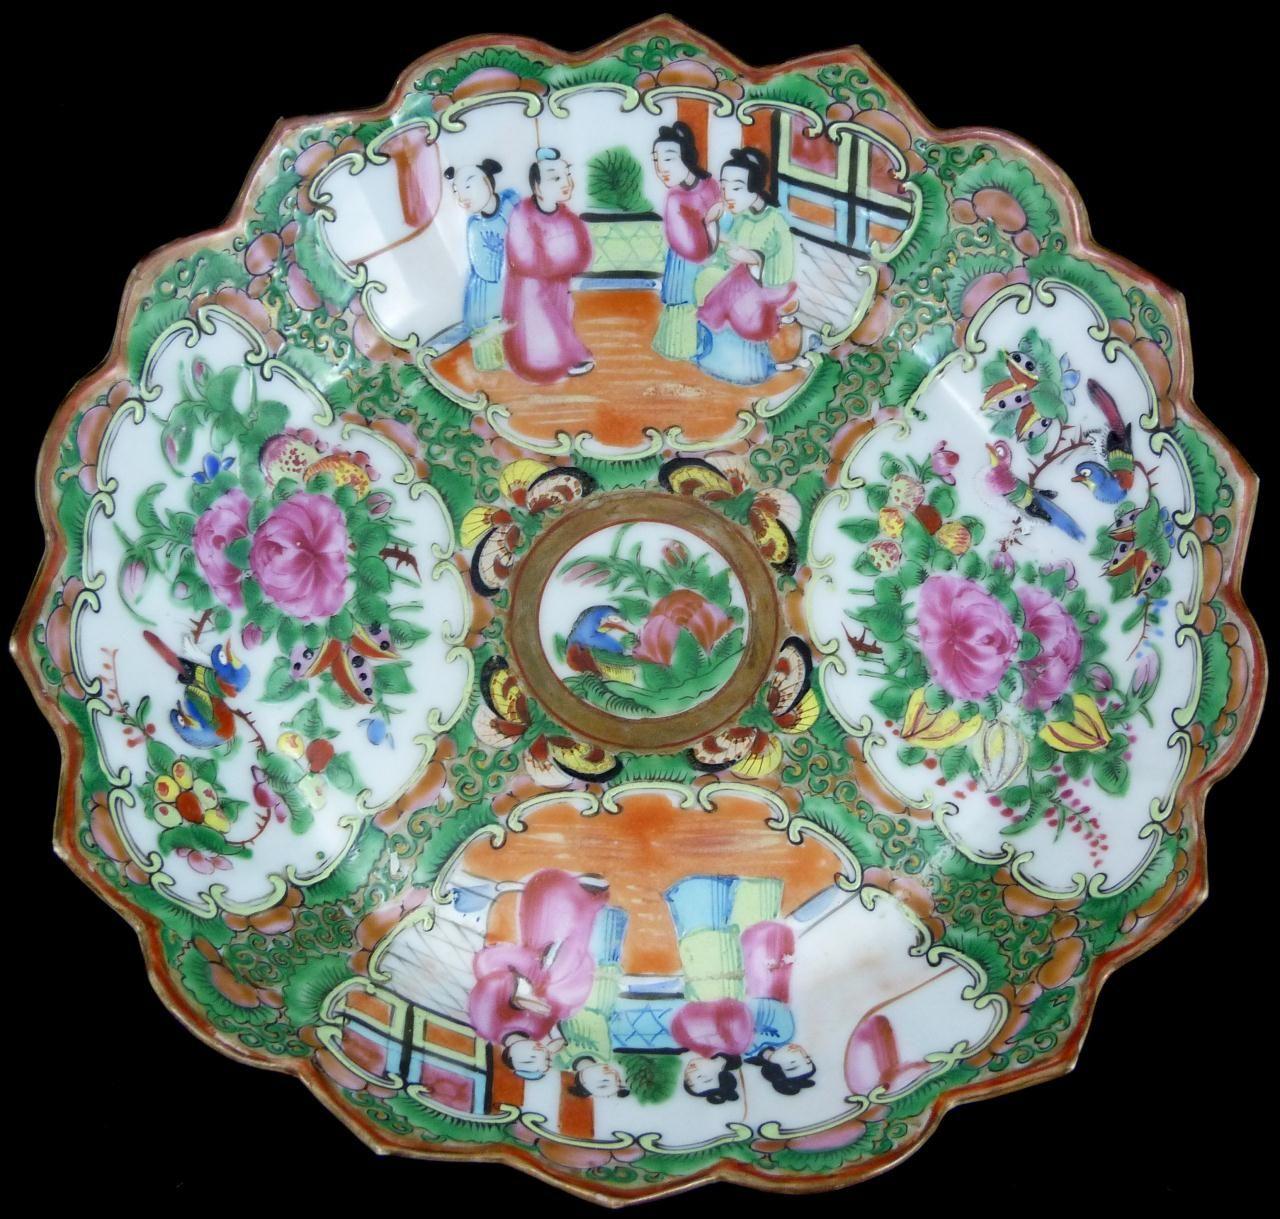 rose medallion for sale